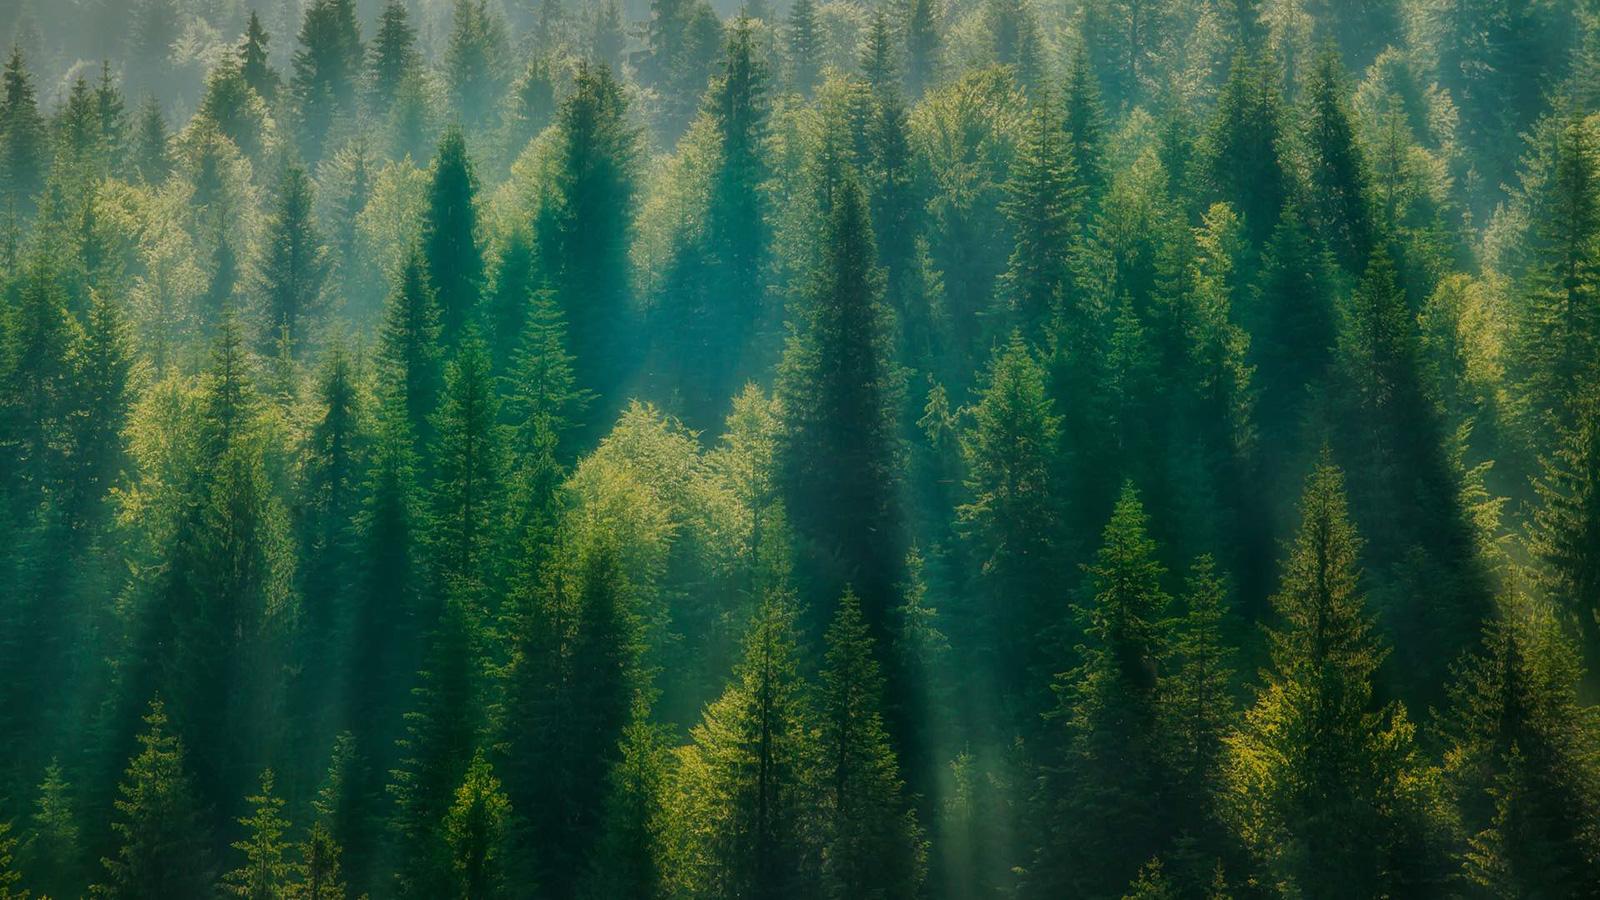 Ce scientifique veut planter mille milliards d'arbres pour sauver la planète